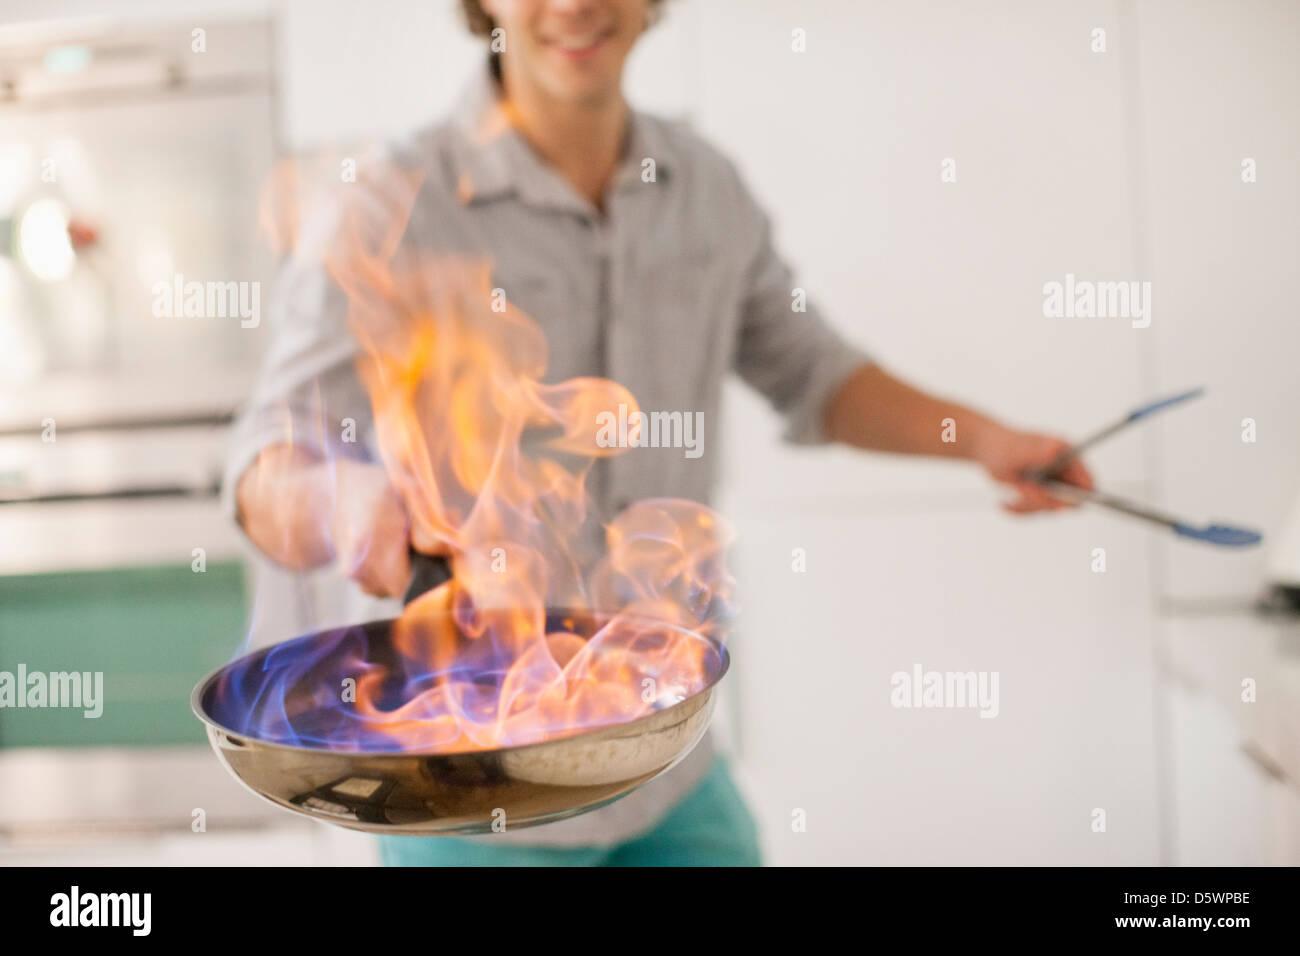 L'uomo la cottura con il fuoco in cucina Immagini Stock